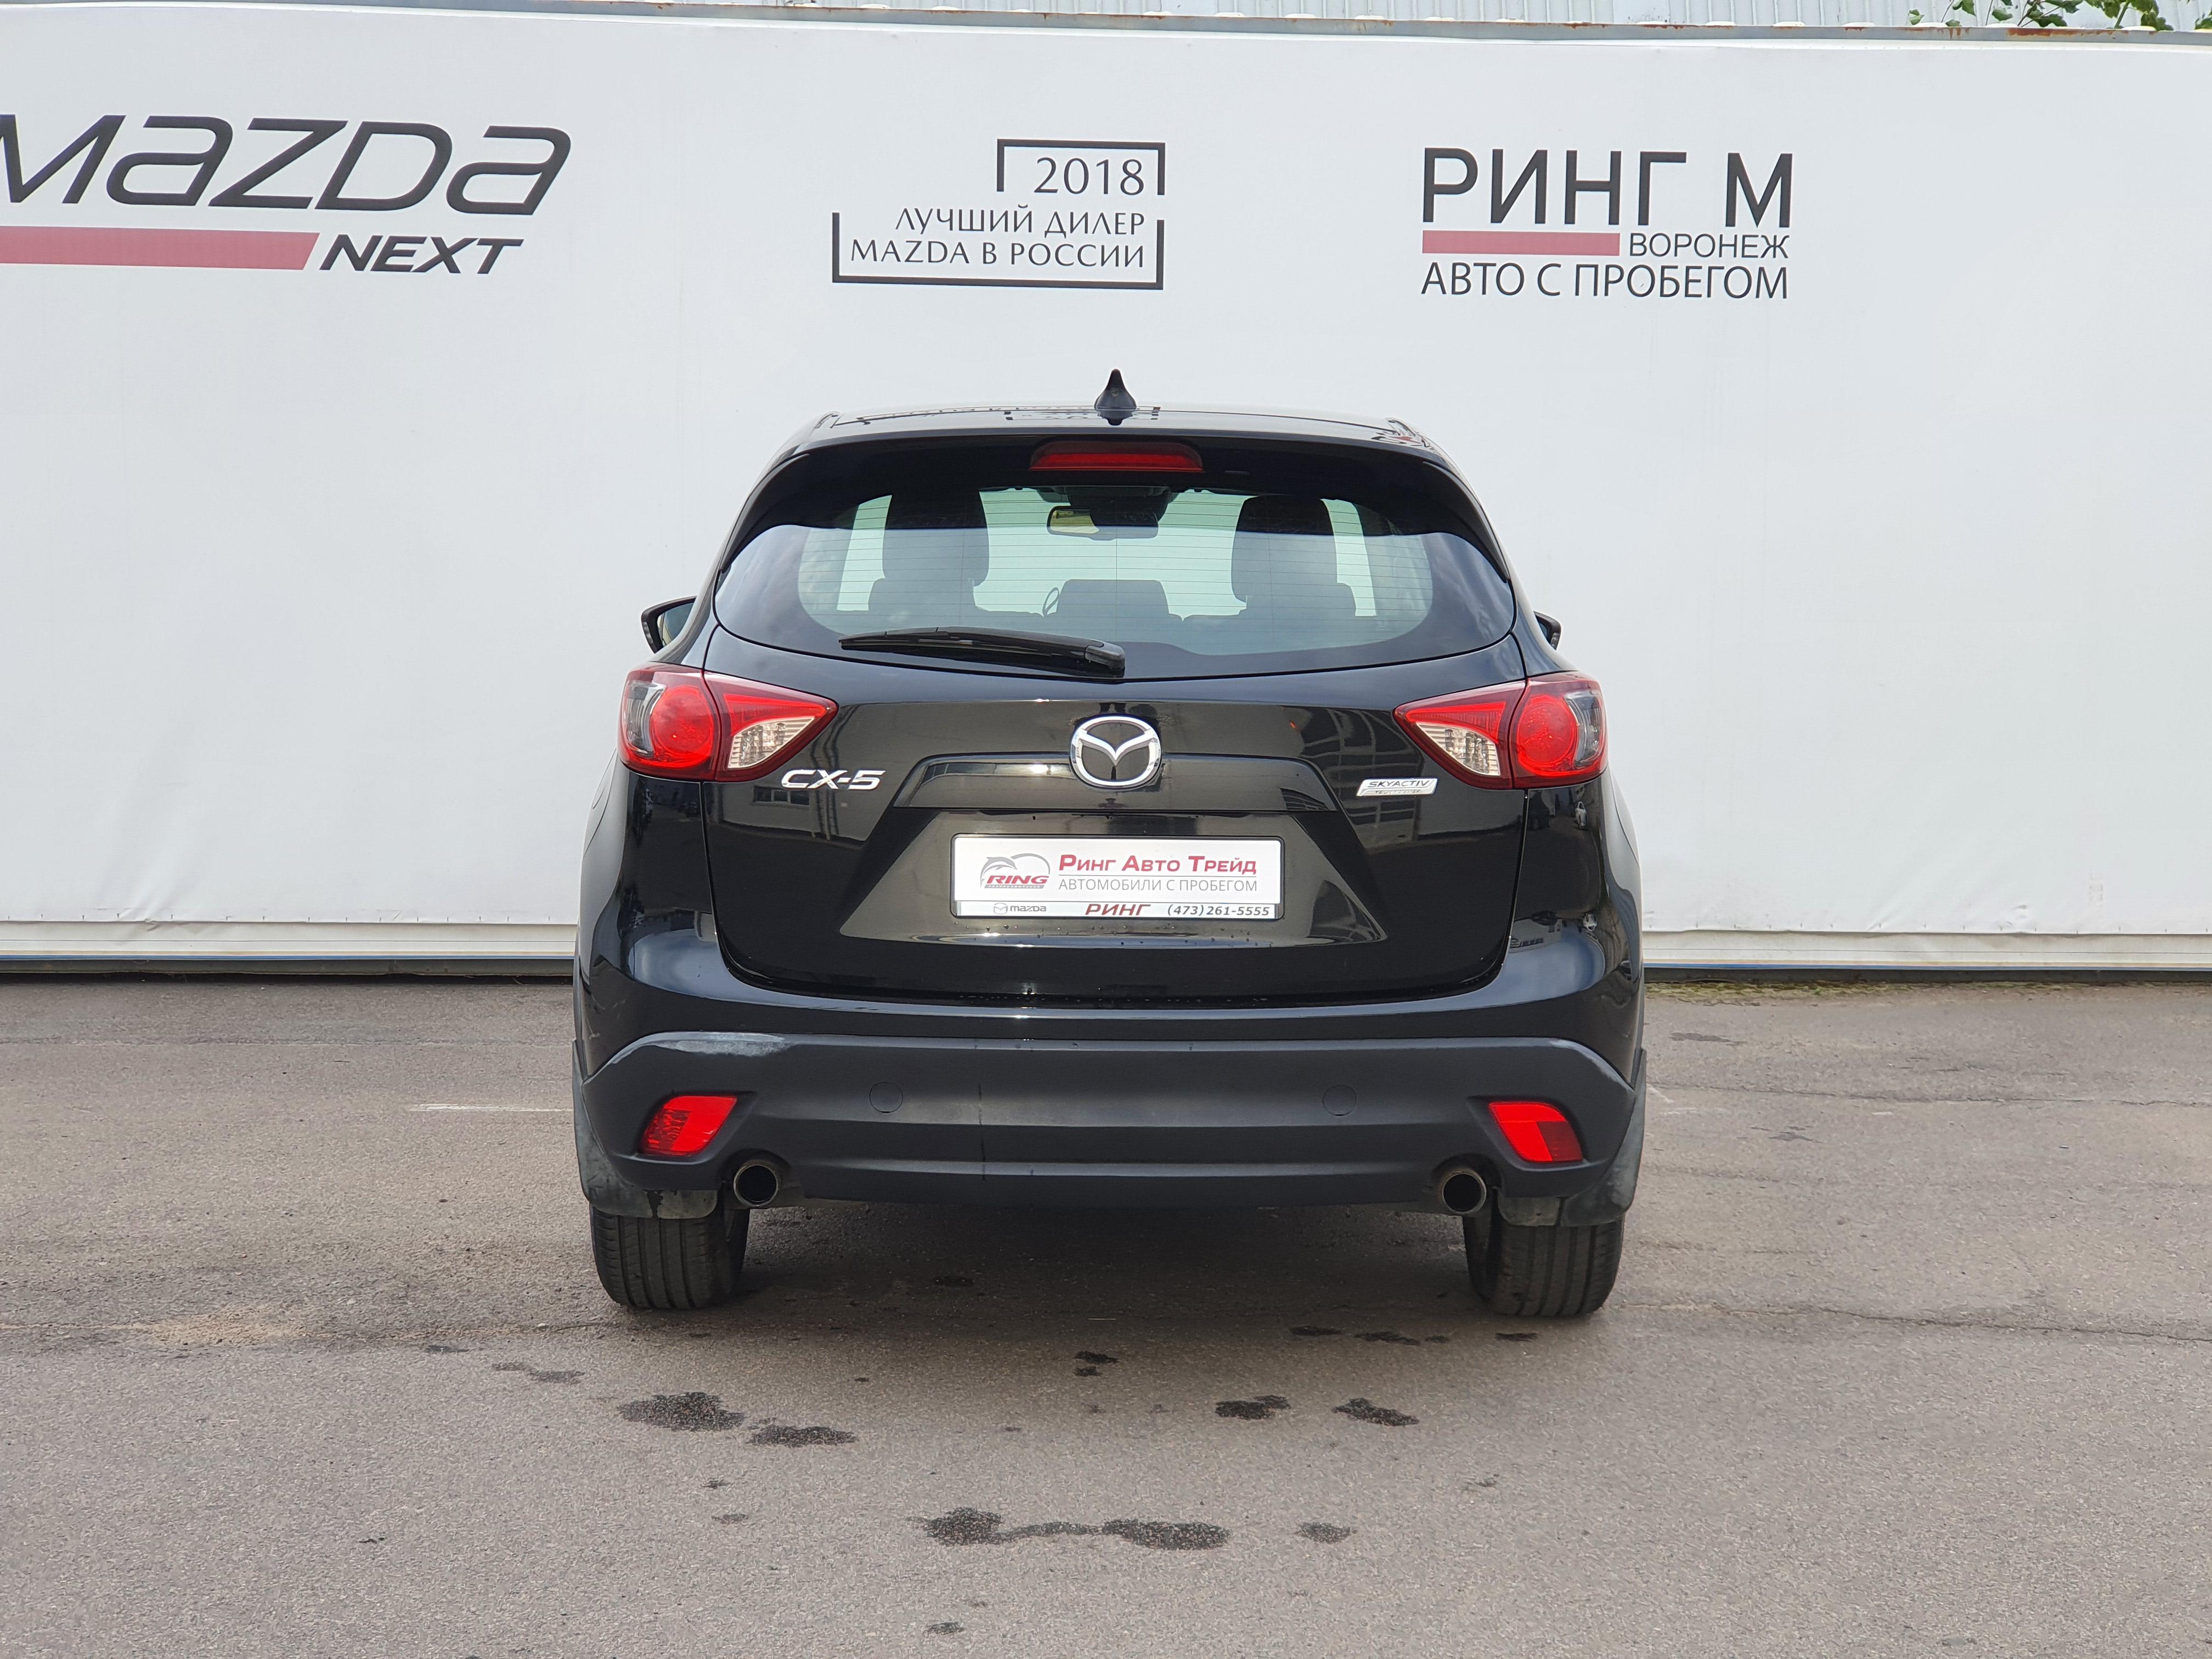 Mazda CX-5 Внедорожник (2014г.)